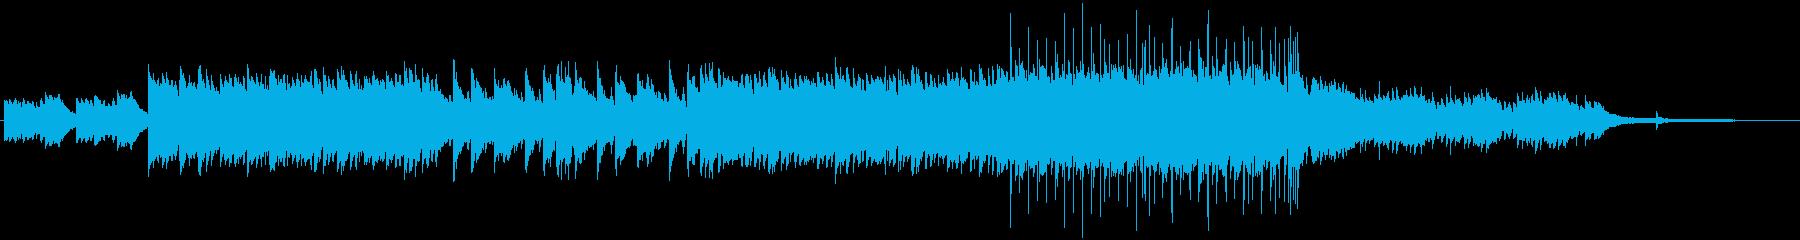 少しの元気の為のヒーリングミュージックの再生済みの波形